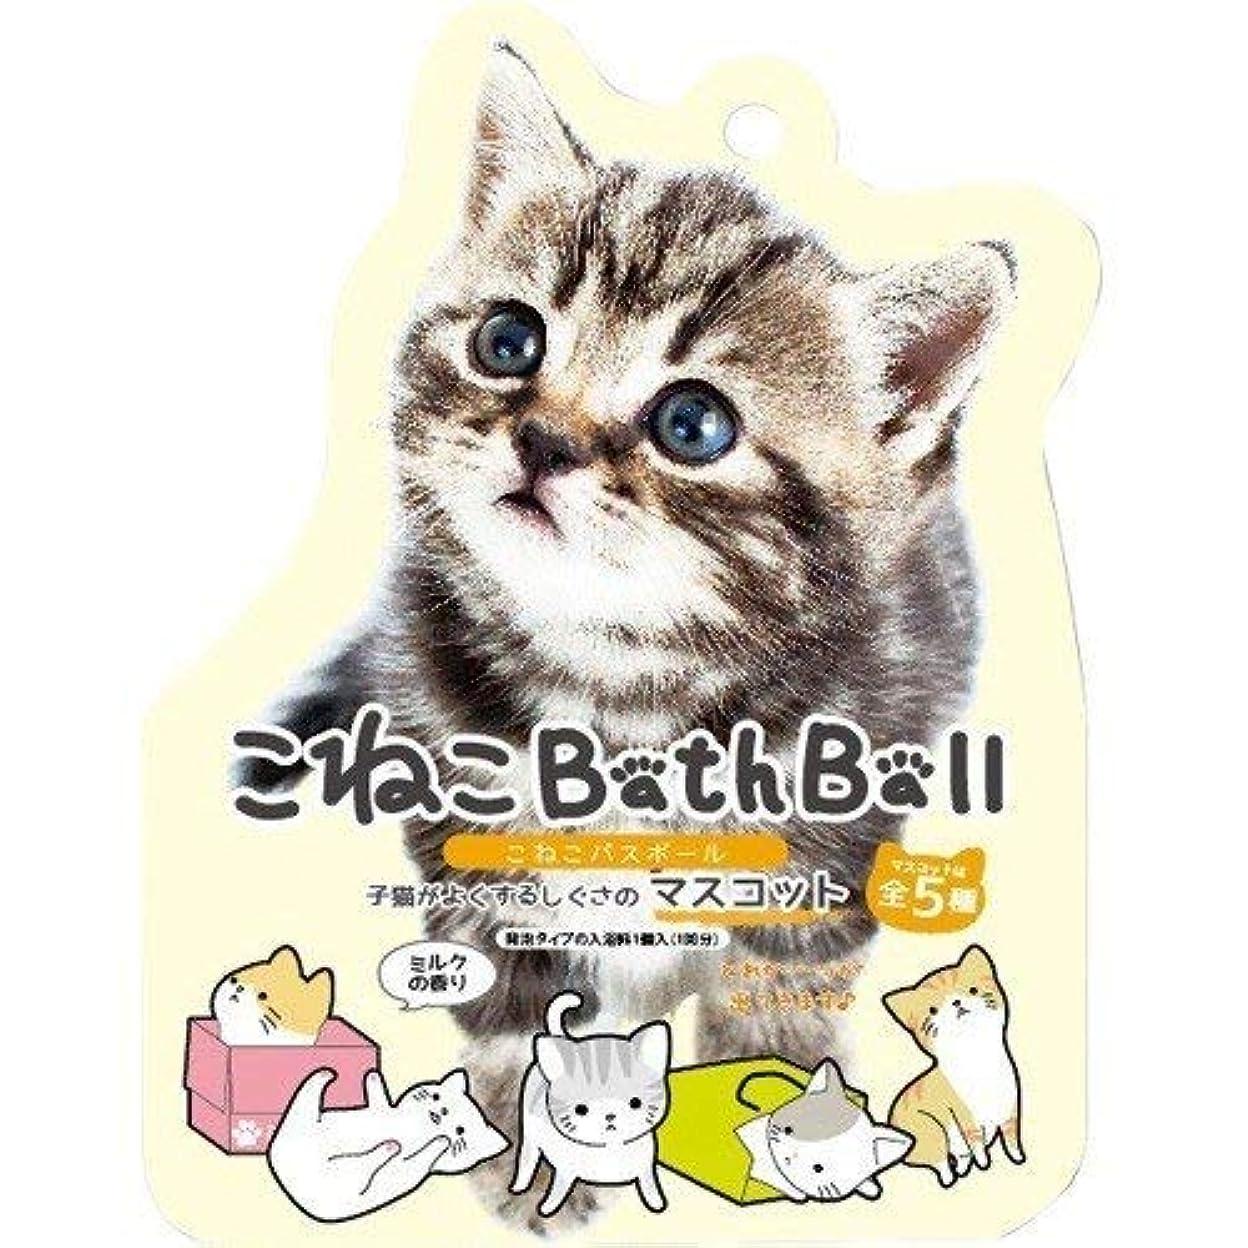 前投薬疑い者カップル子ねこ バスボール マスコット入り 6個1セット 子猫 こねこ フィギュア入り 入浴剤